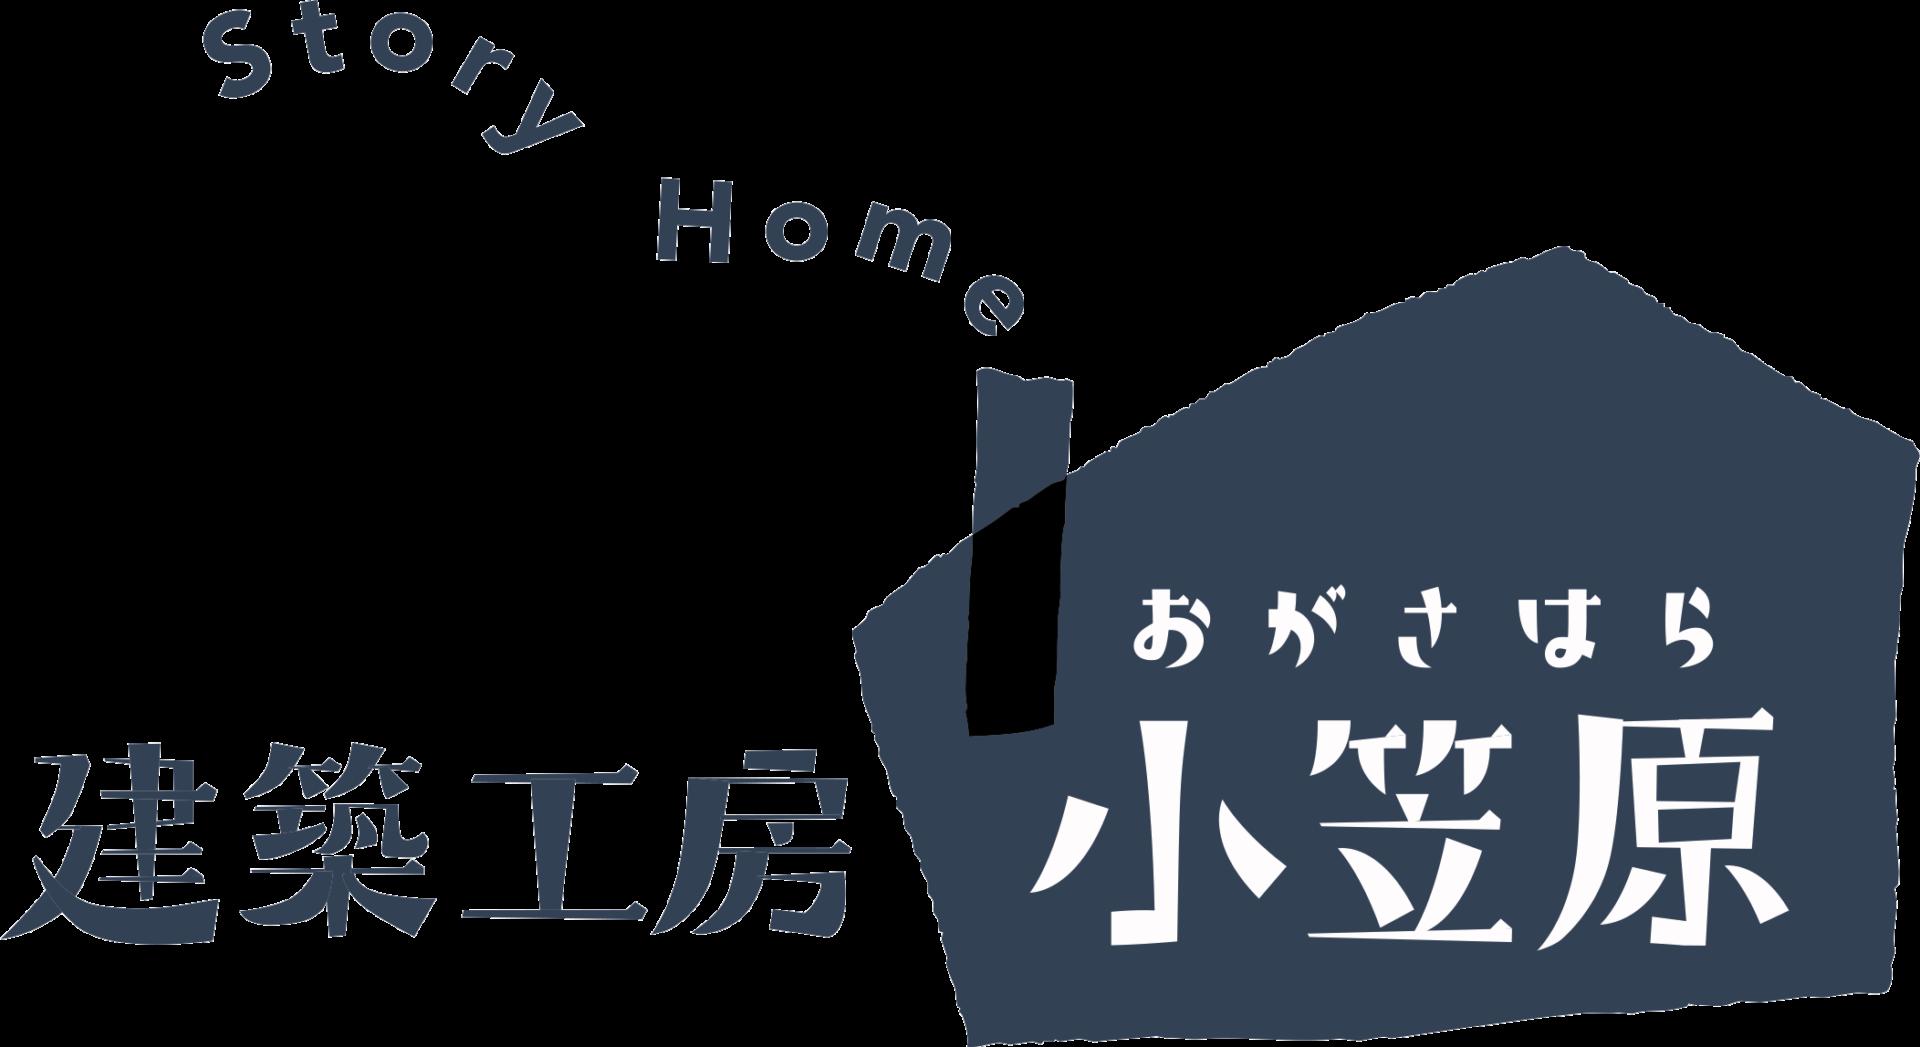 秩父の工務店 建築工房小笠原 | 秩父の新築住宅・リノベーション・リフォーム施工